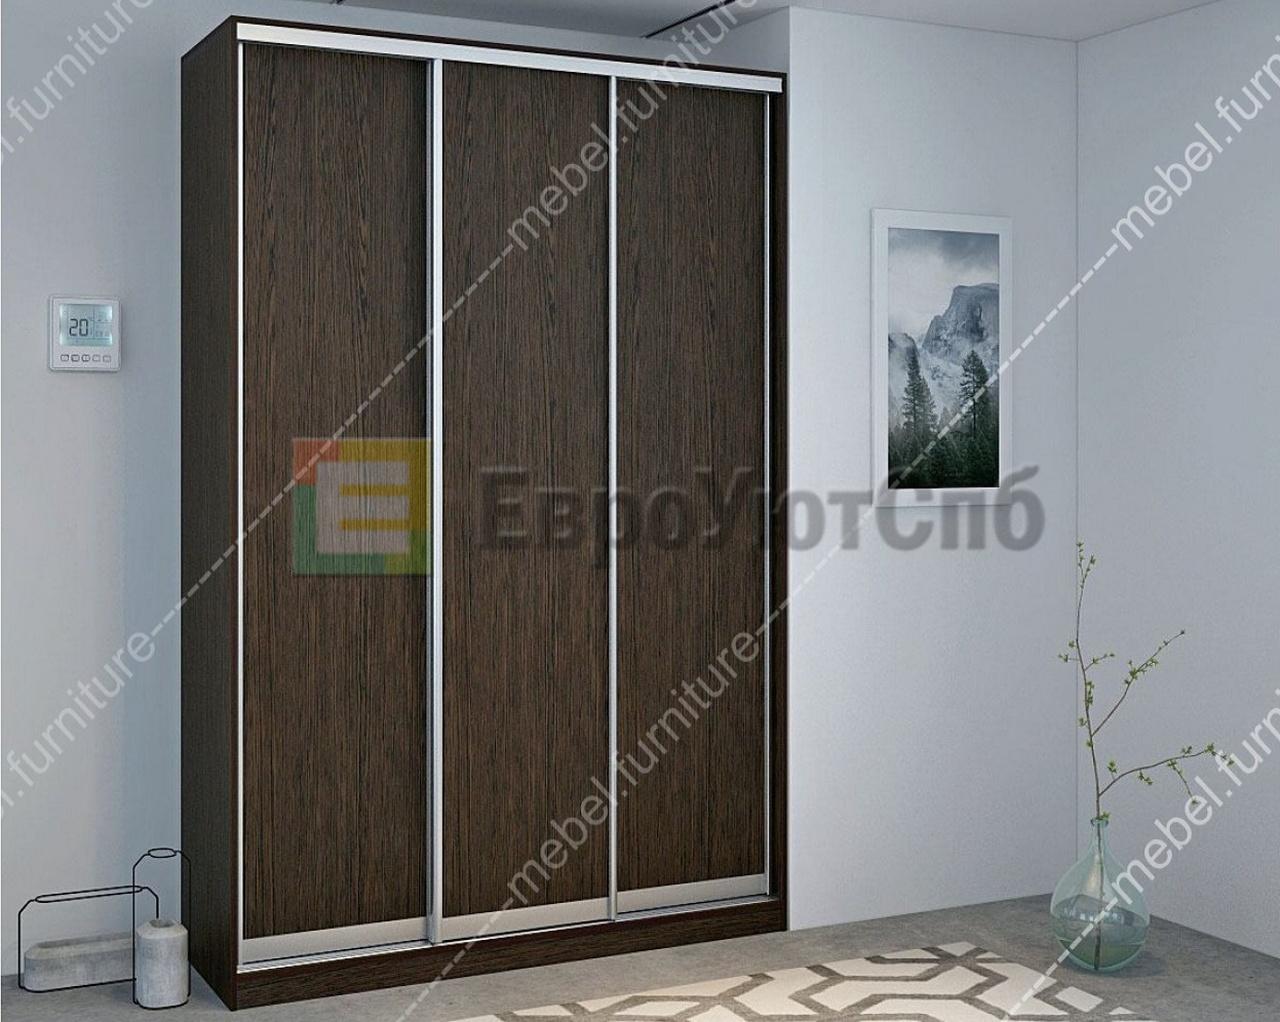 шкаф купе трехдверный без зеркала дельта 1600 купить в санкт